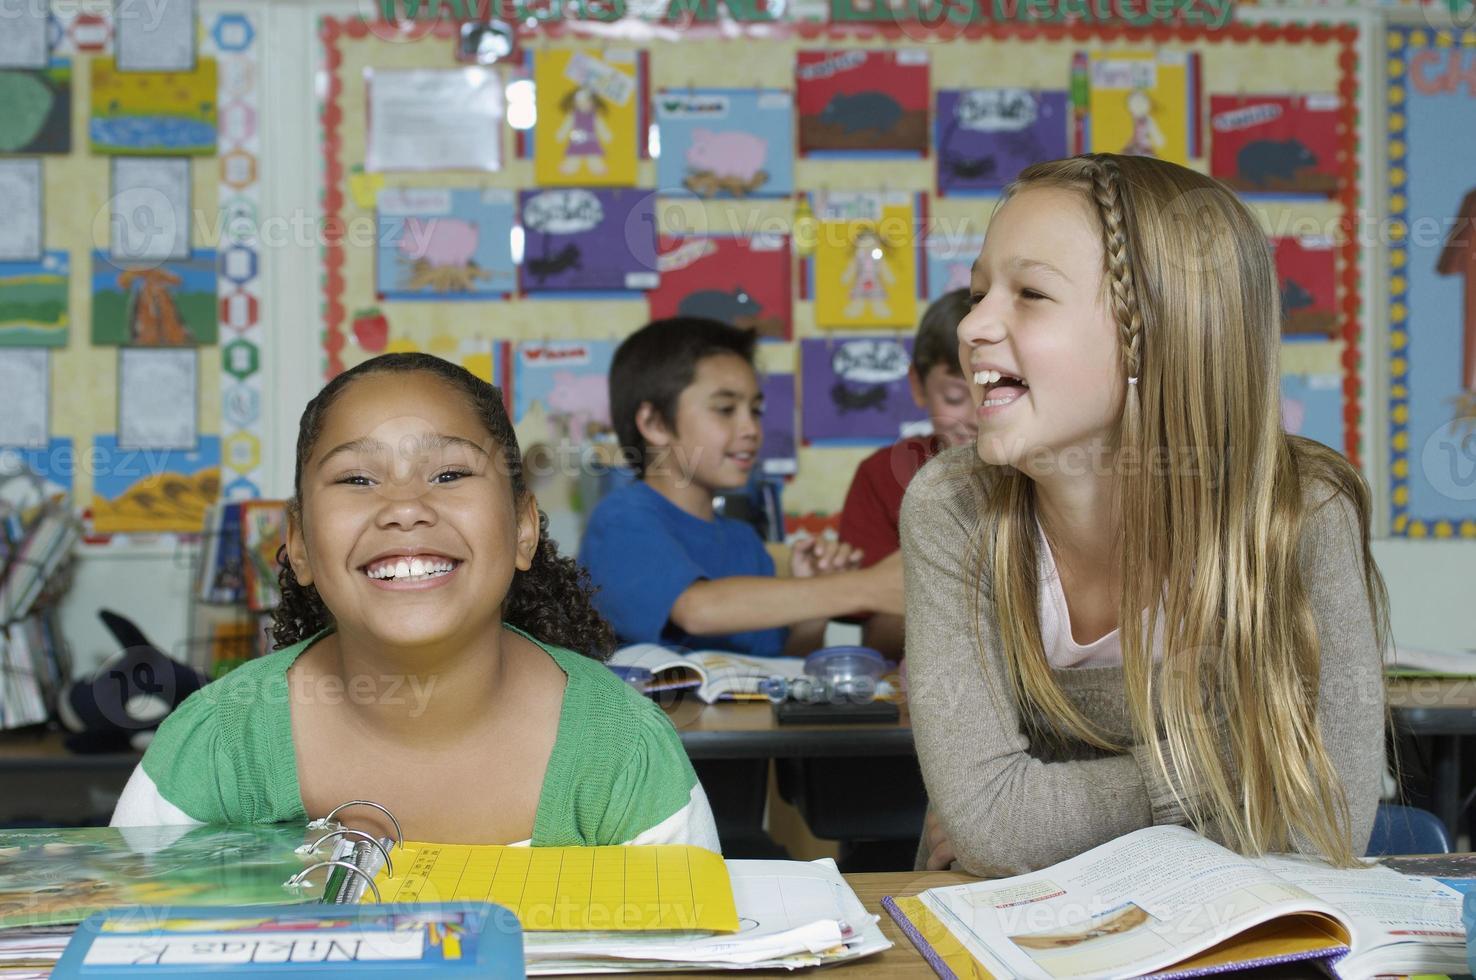 Kinder in der Schule foto